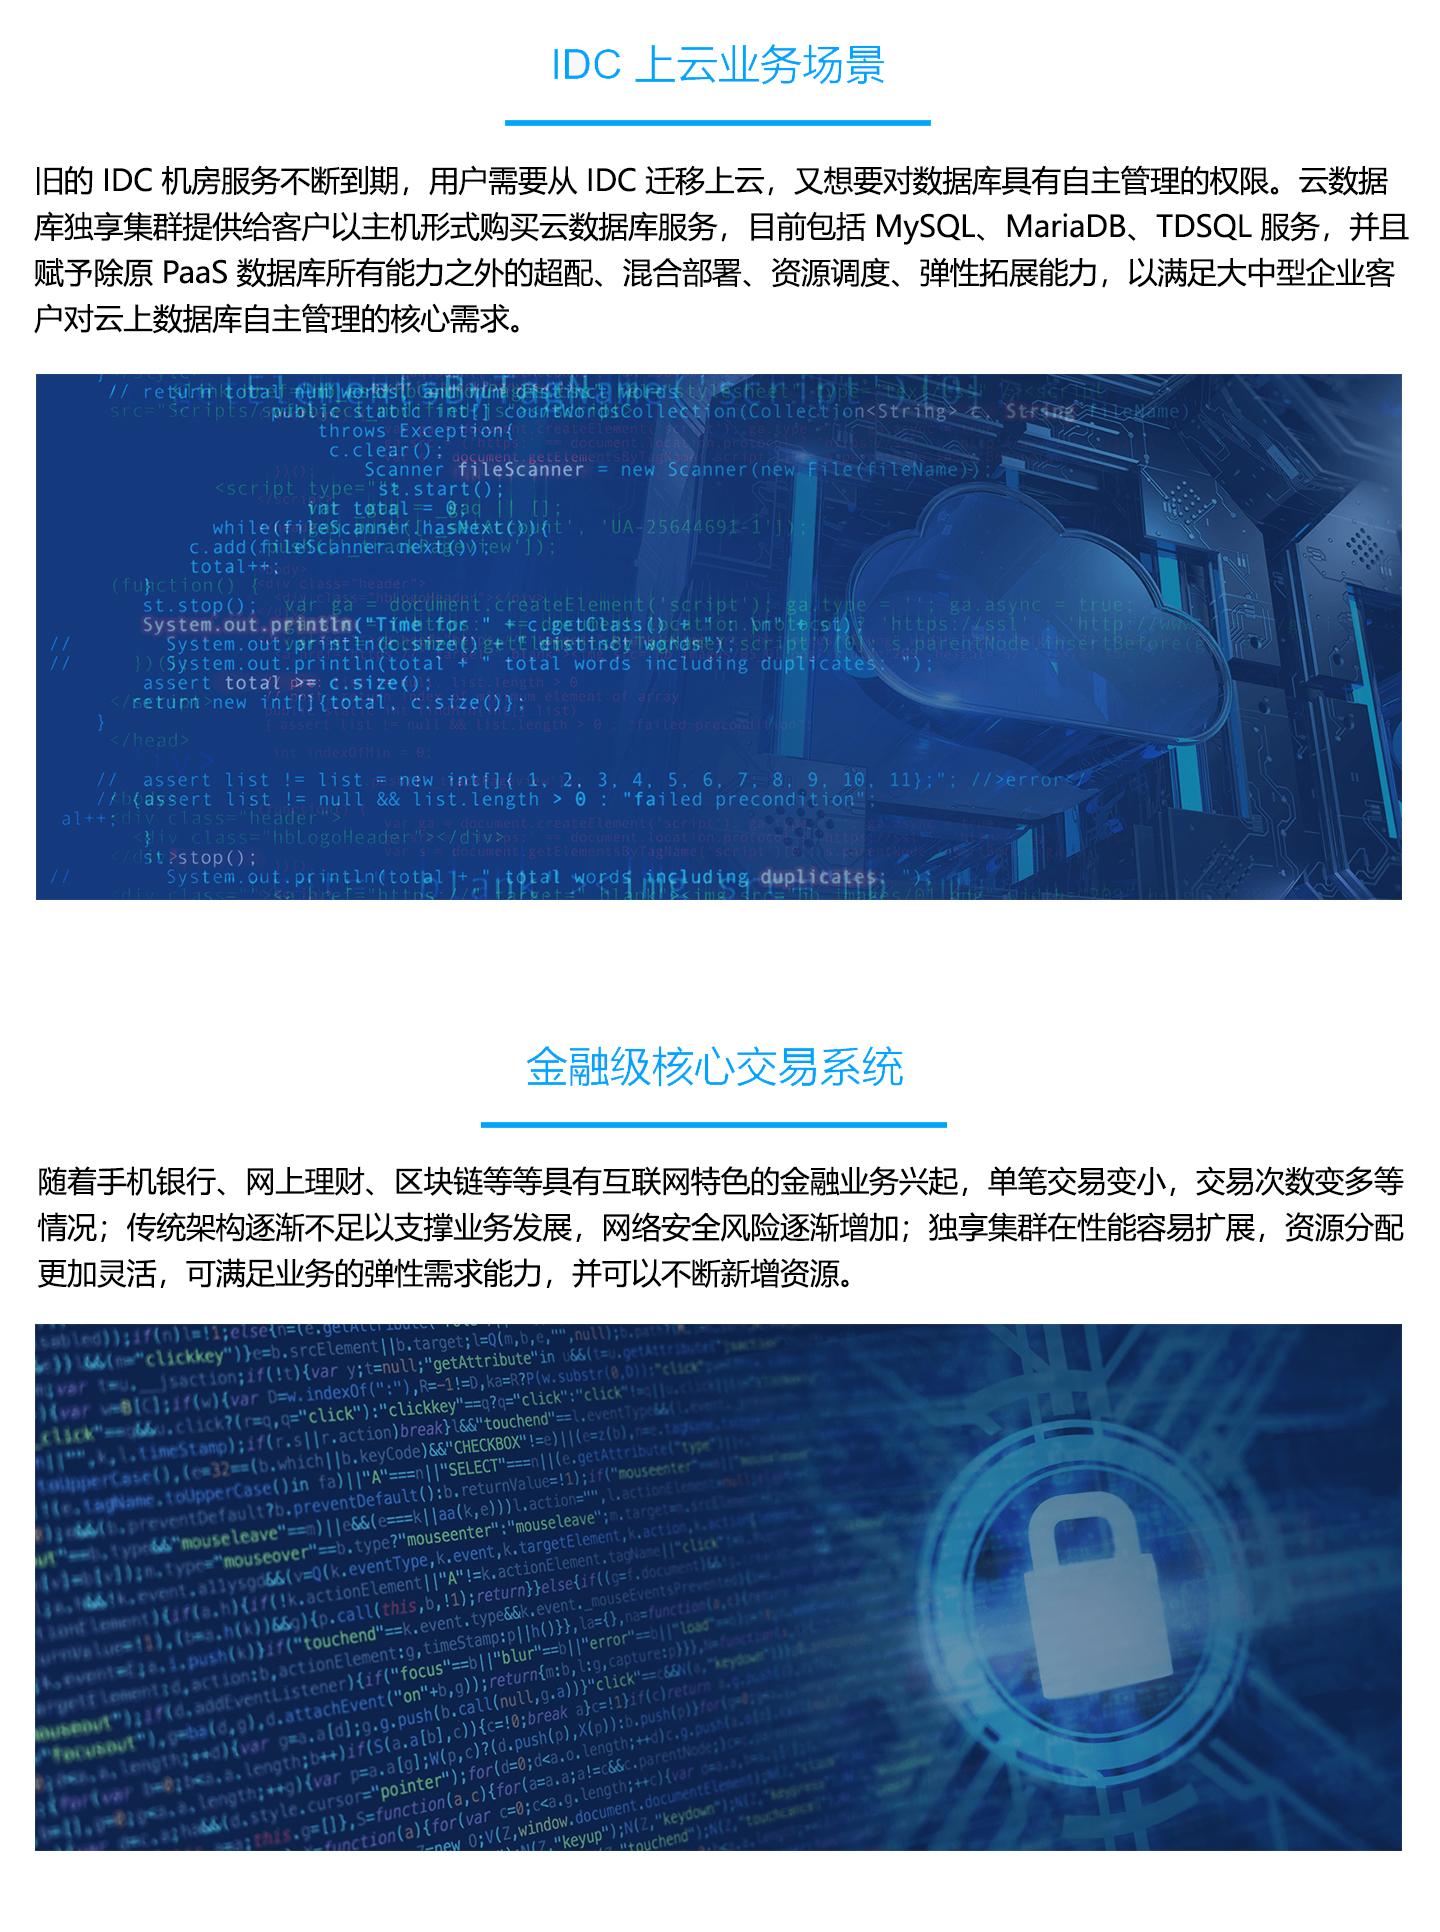 云数据库独享集群1440_03.jpg